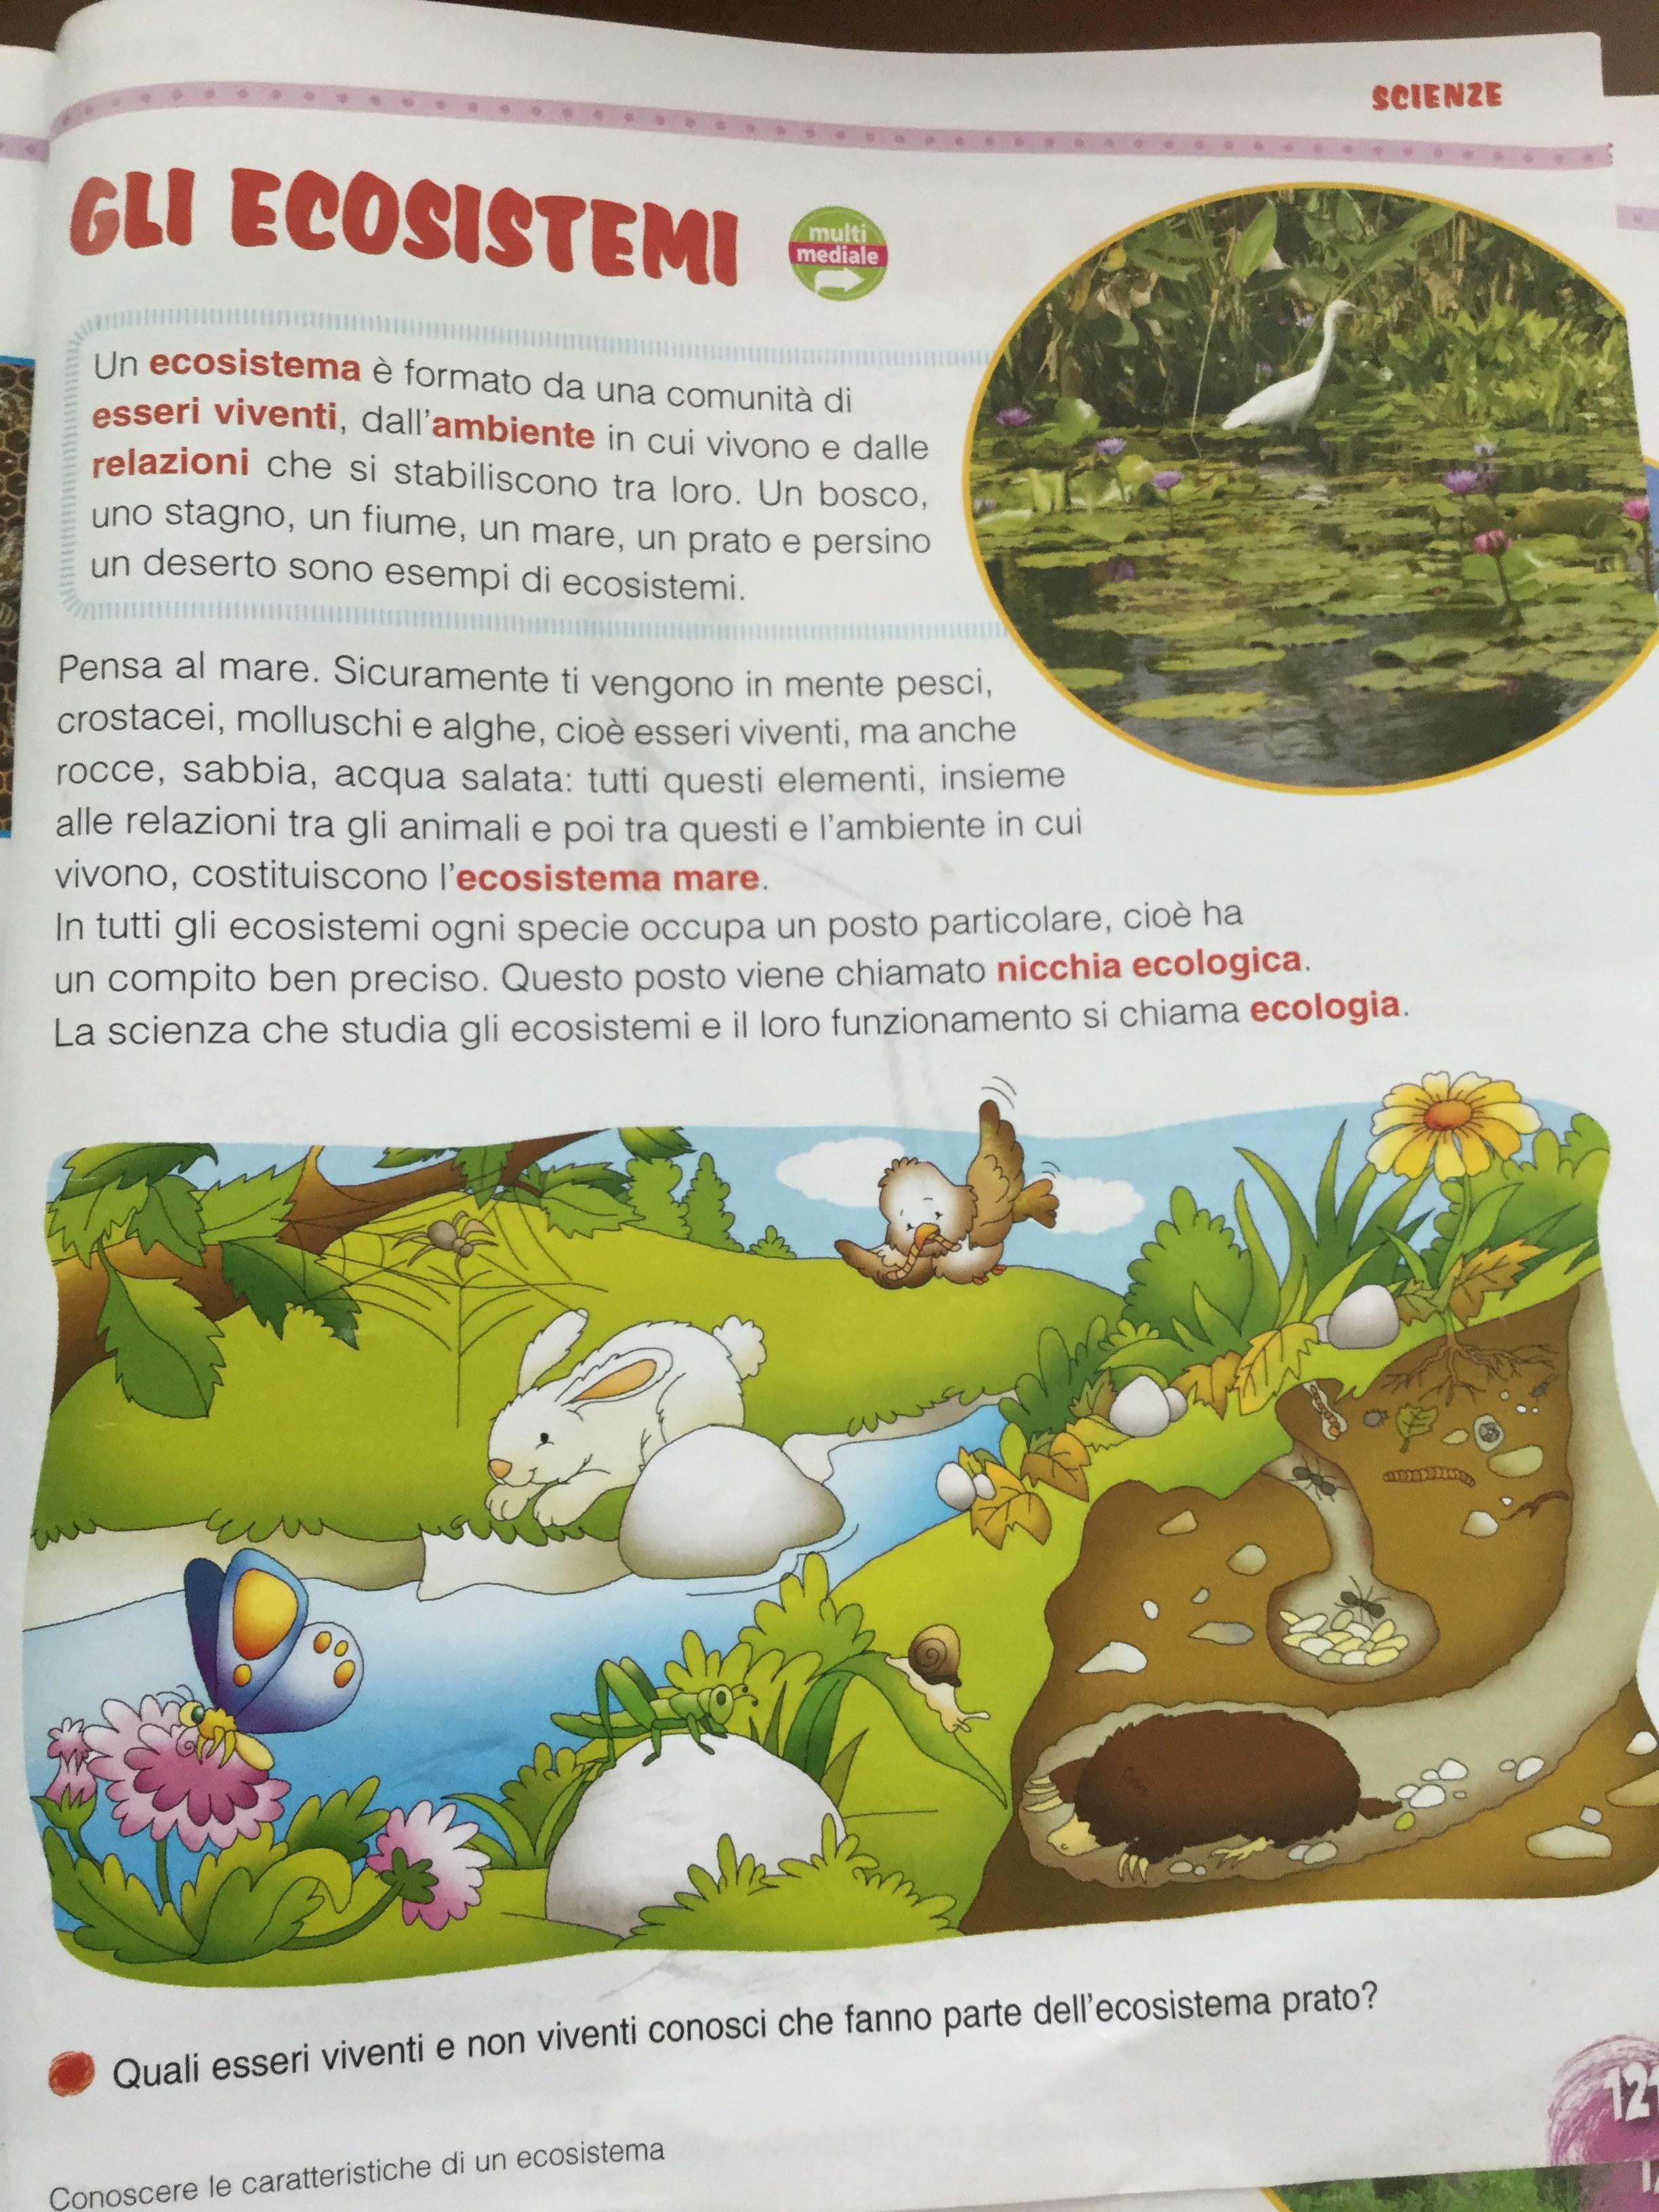 Gli Ecosistemi Scienze Pinterest